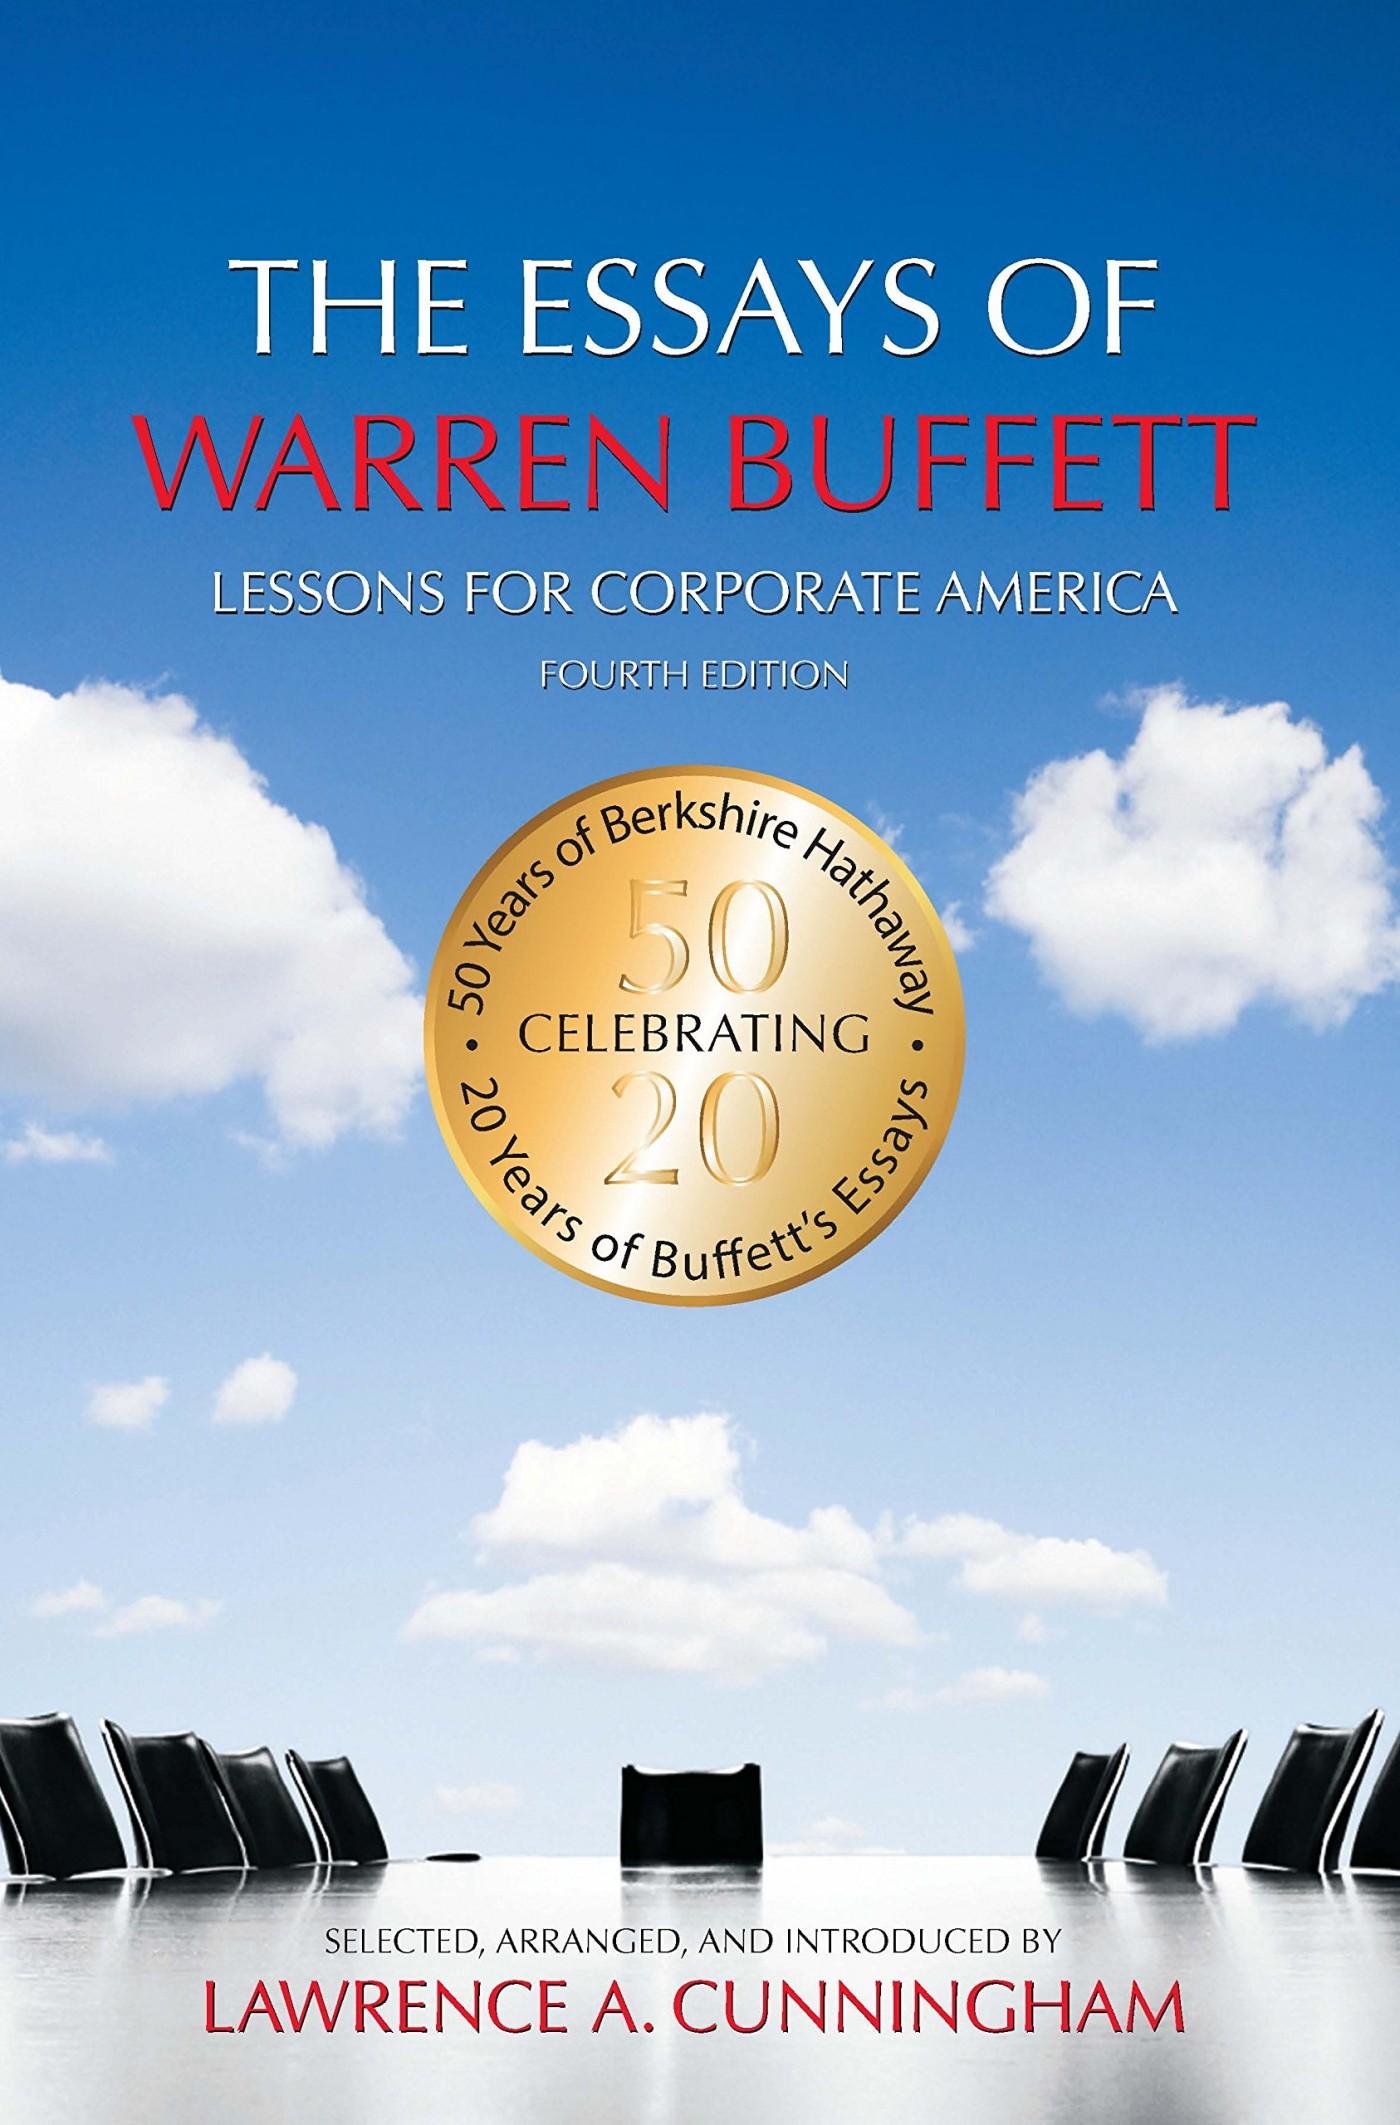 006 Die Essays Von Warren Buffett Essay Example Archaicawful Das Buch Für Investoren Und Unternehmer Pdf 1400